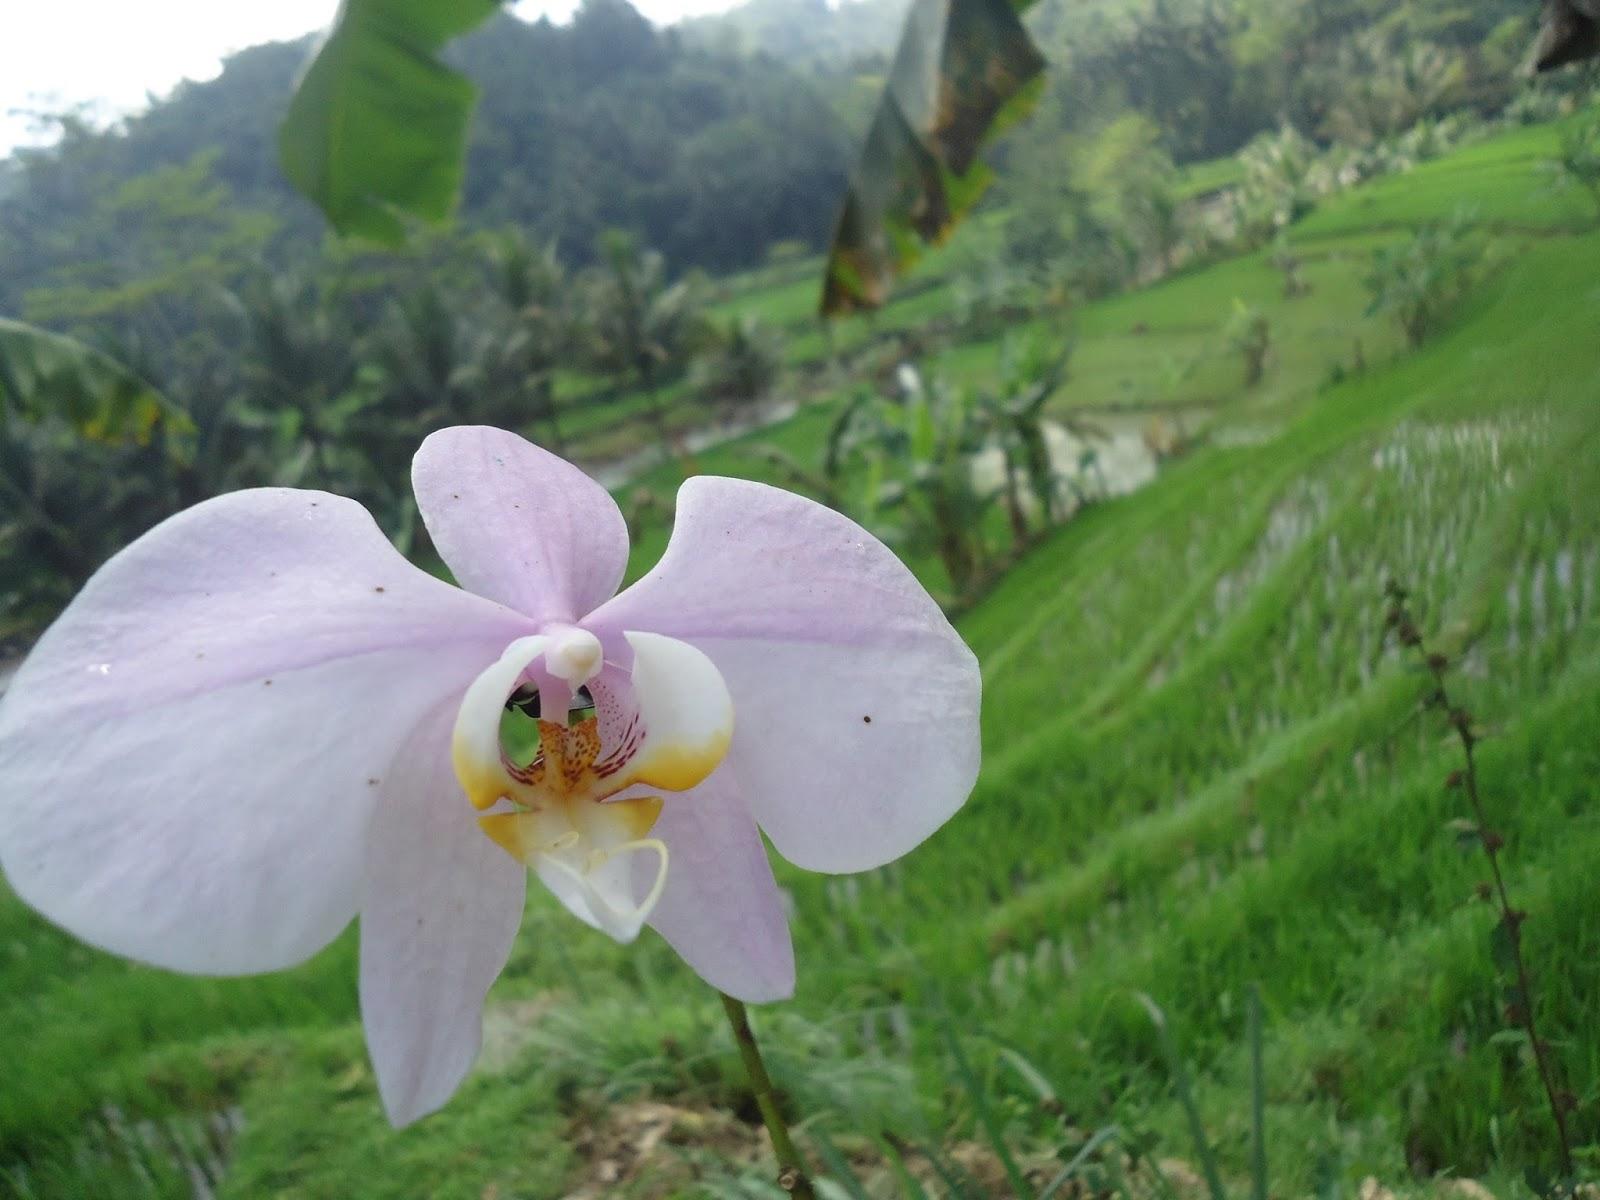 Wallpaper Bunga  Anggrek  Bulan Putih  Ungu Dan Lautan Hijau